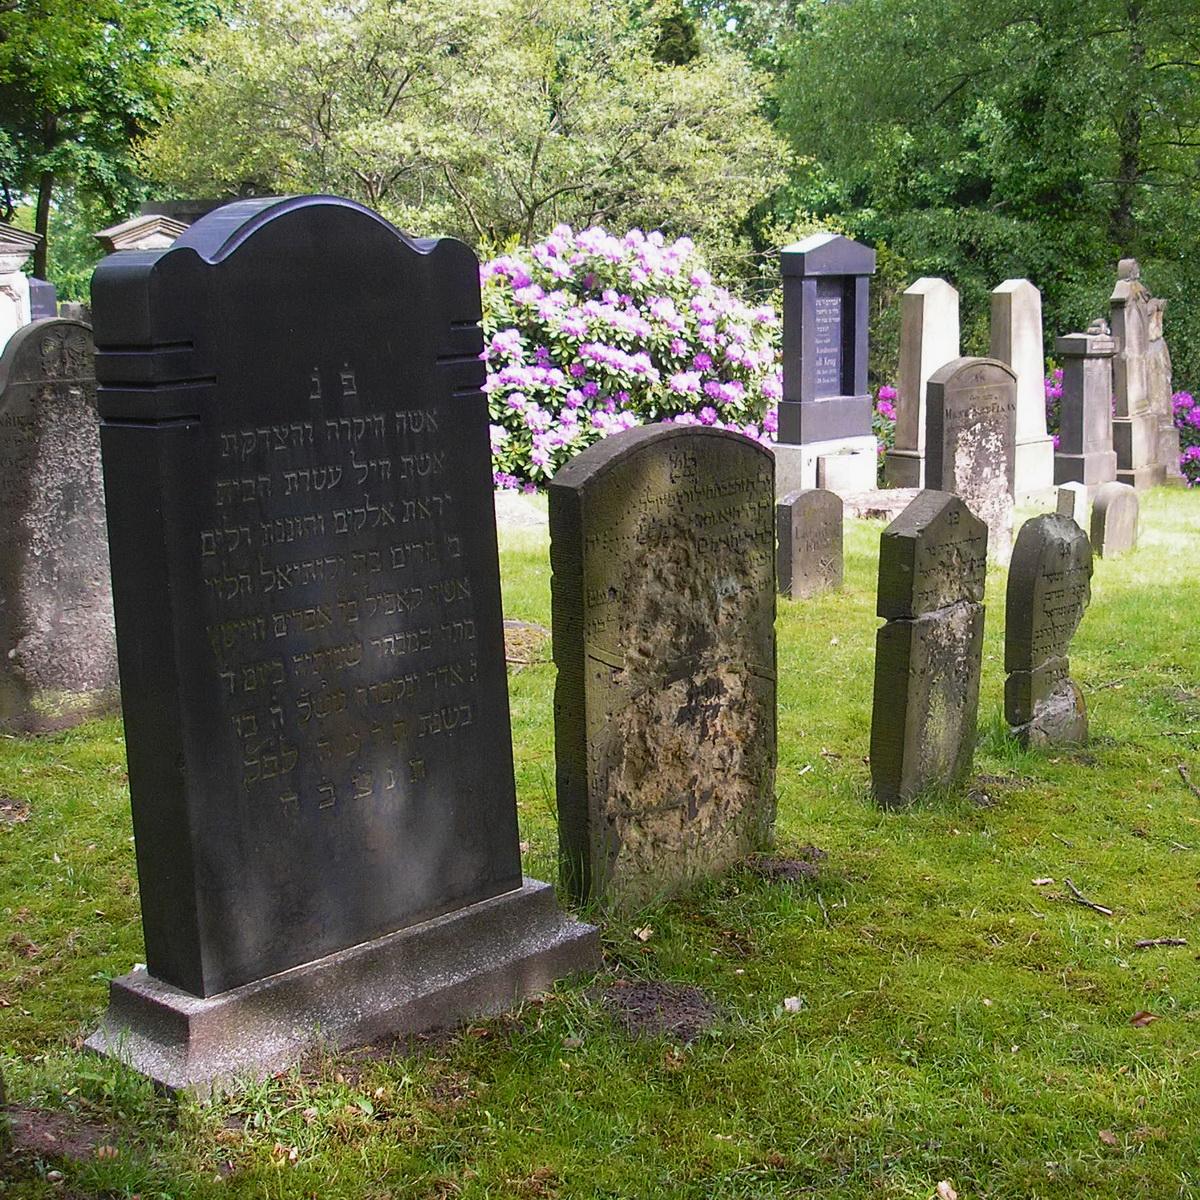 Grabsteine mit hebräischer Schrift auf einer Friedhofswiese